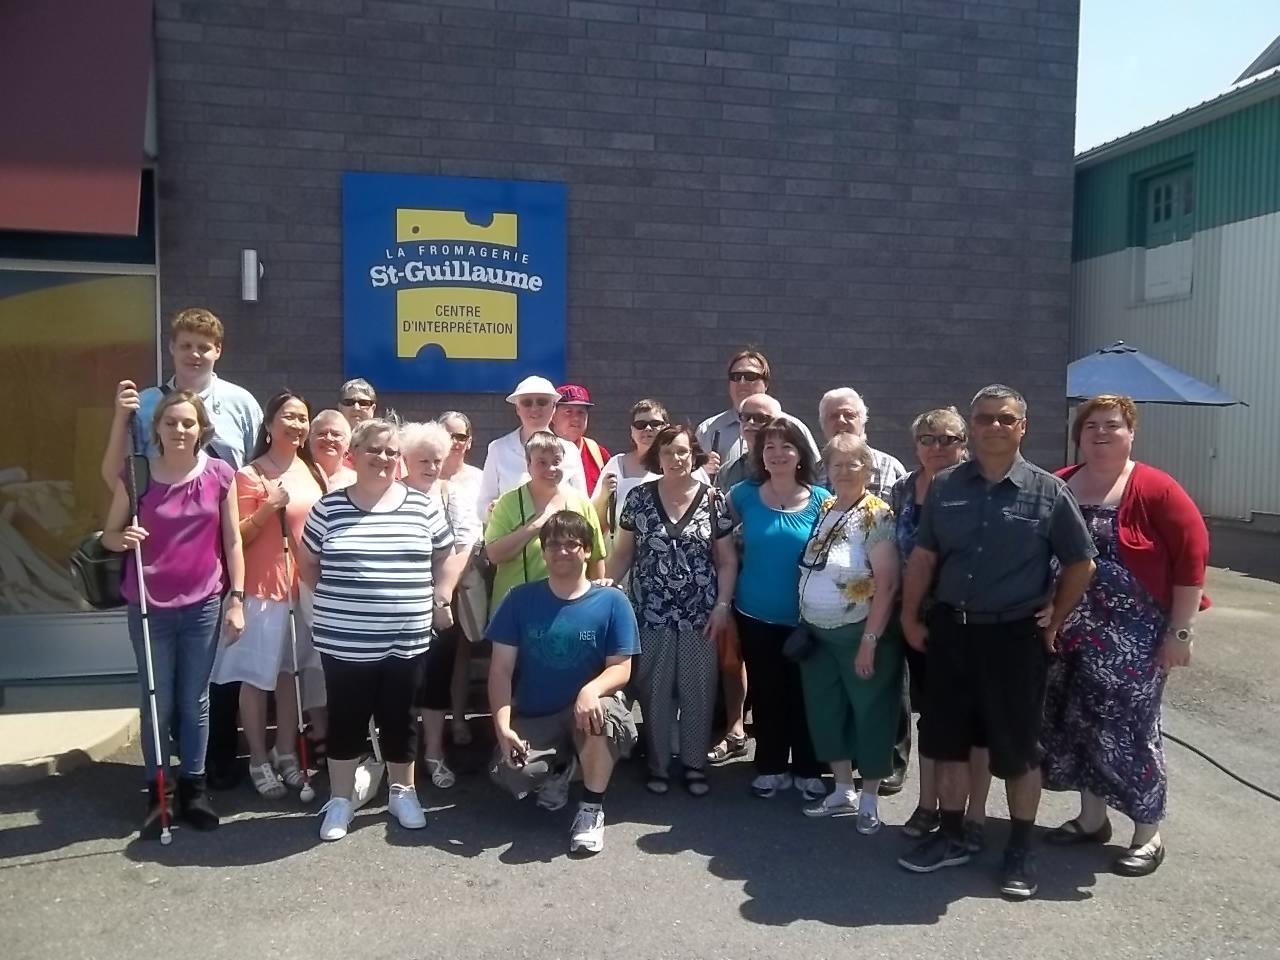 Groupe qui a participé à la visite guidée de la fromagerie Saint-Guillaume qui a eu lieu le 28 juin 2016 à Saint-Guillaume.